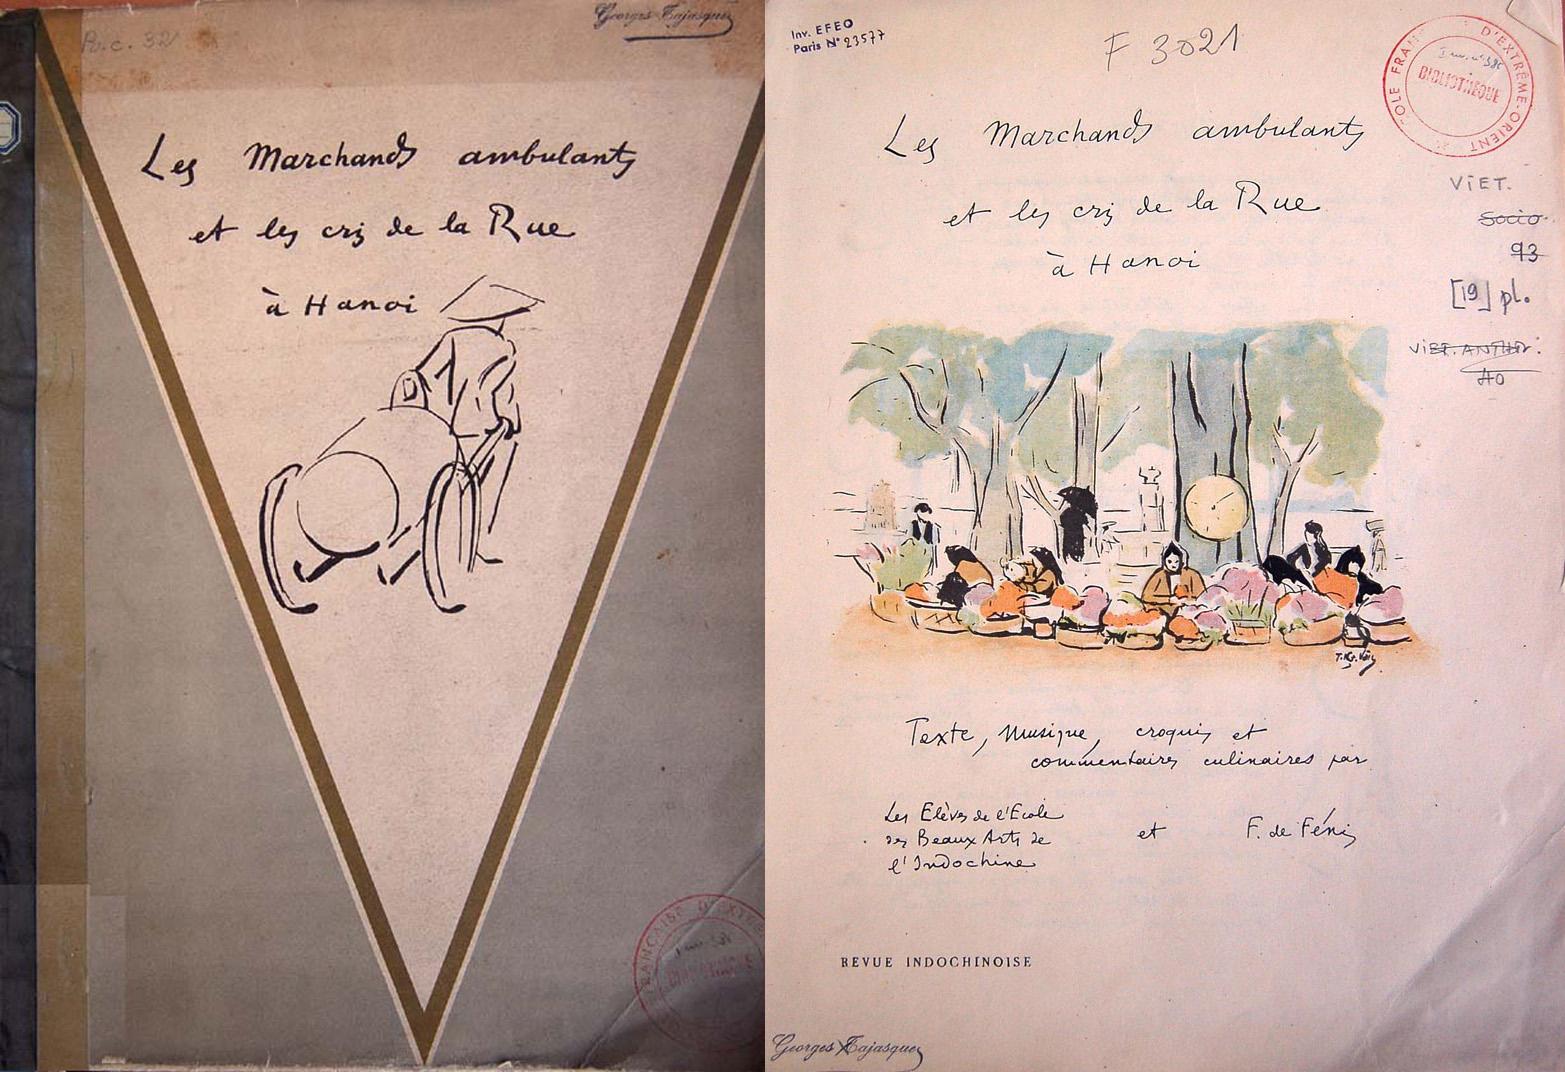 'Giải mã' tiếng rao ở Hà Nội thời thuộc địa qua hình ảnh